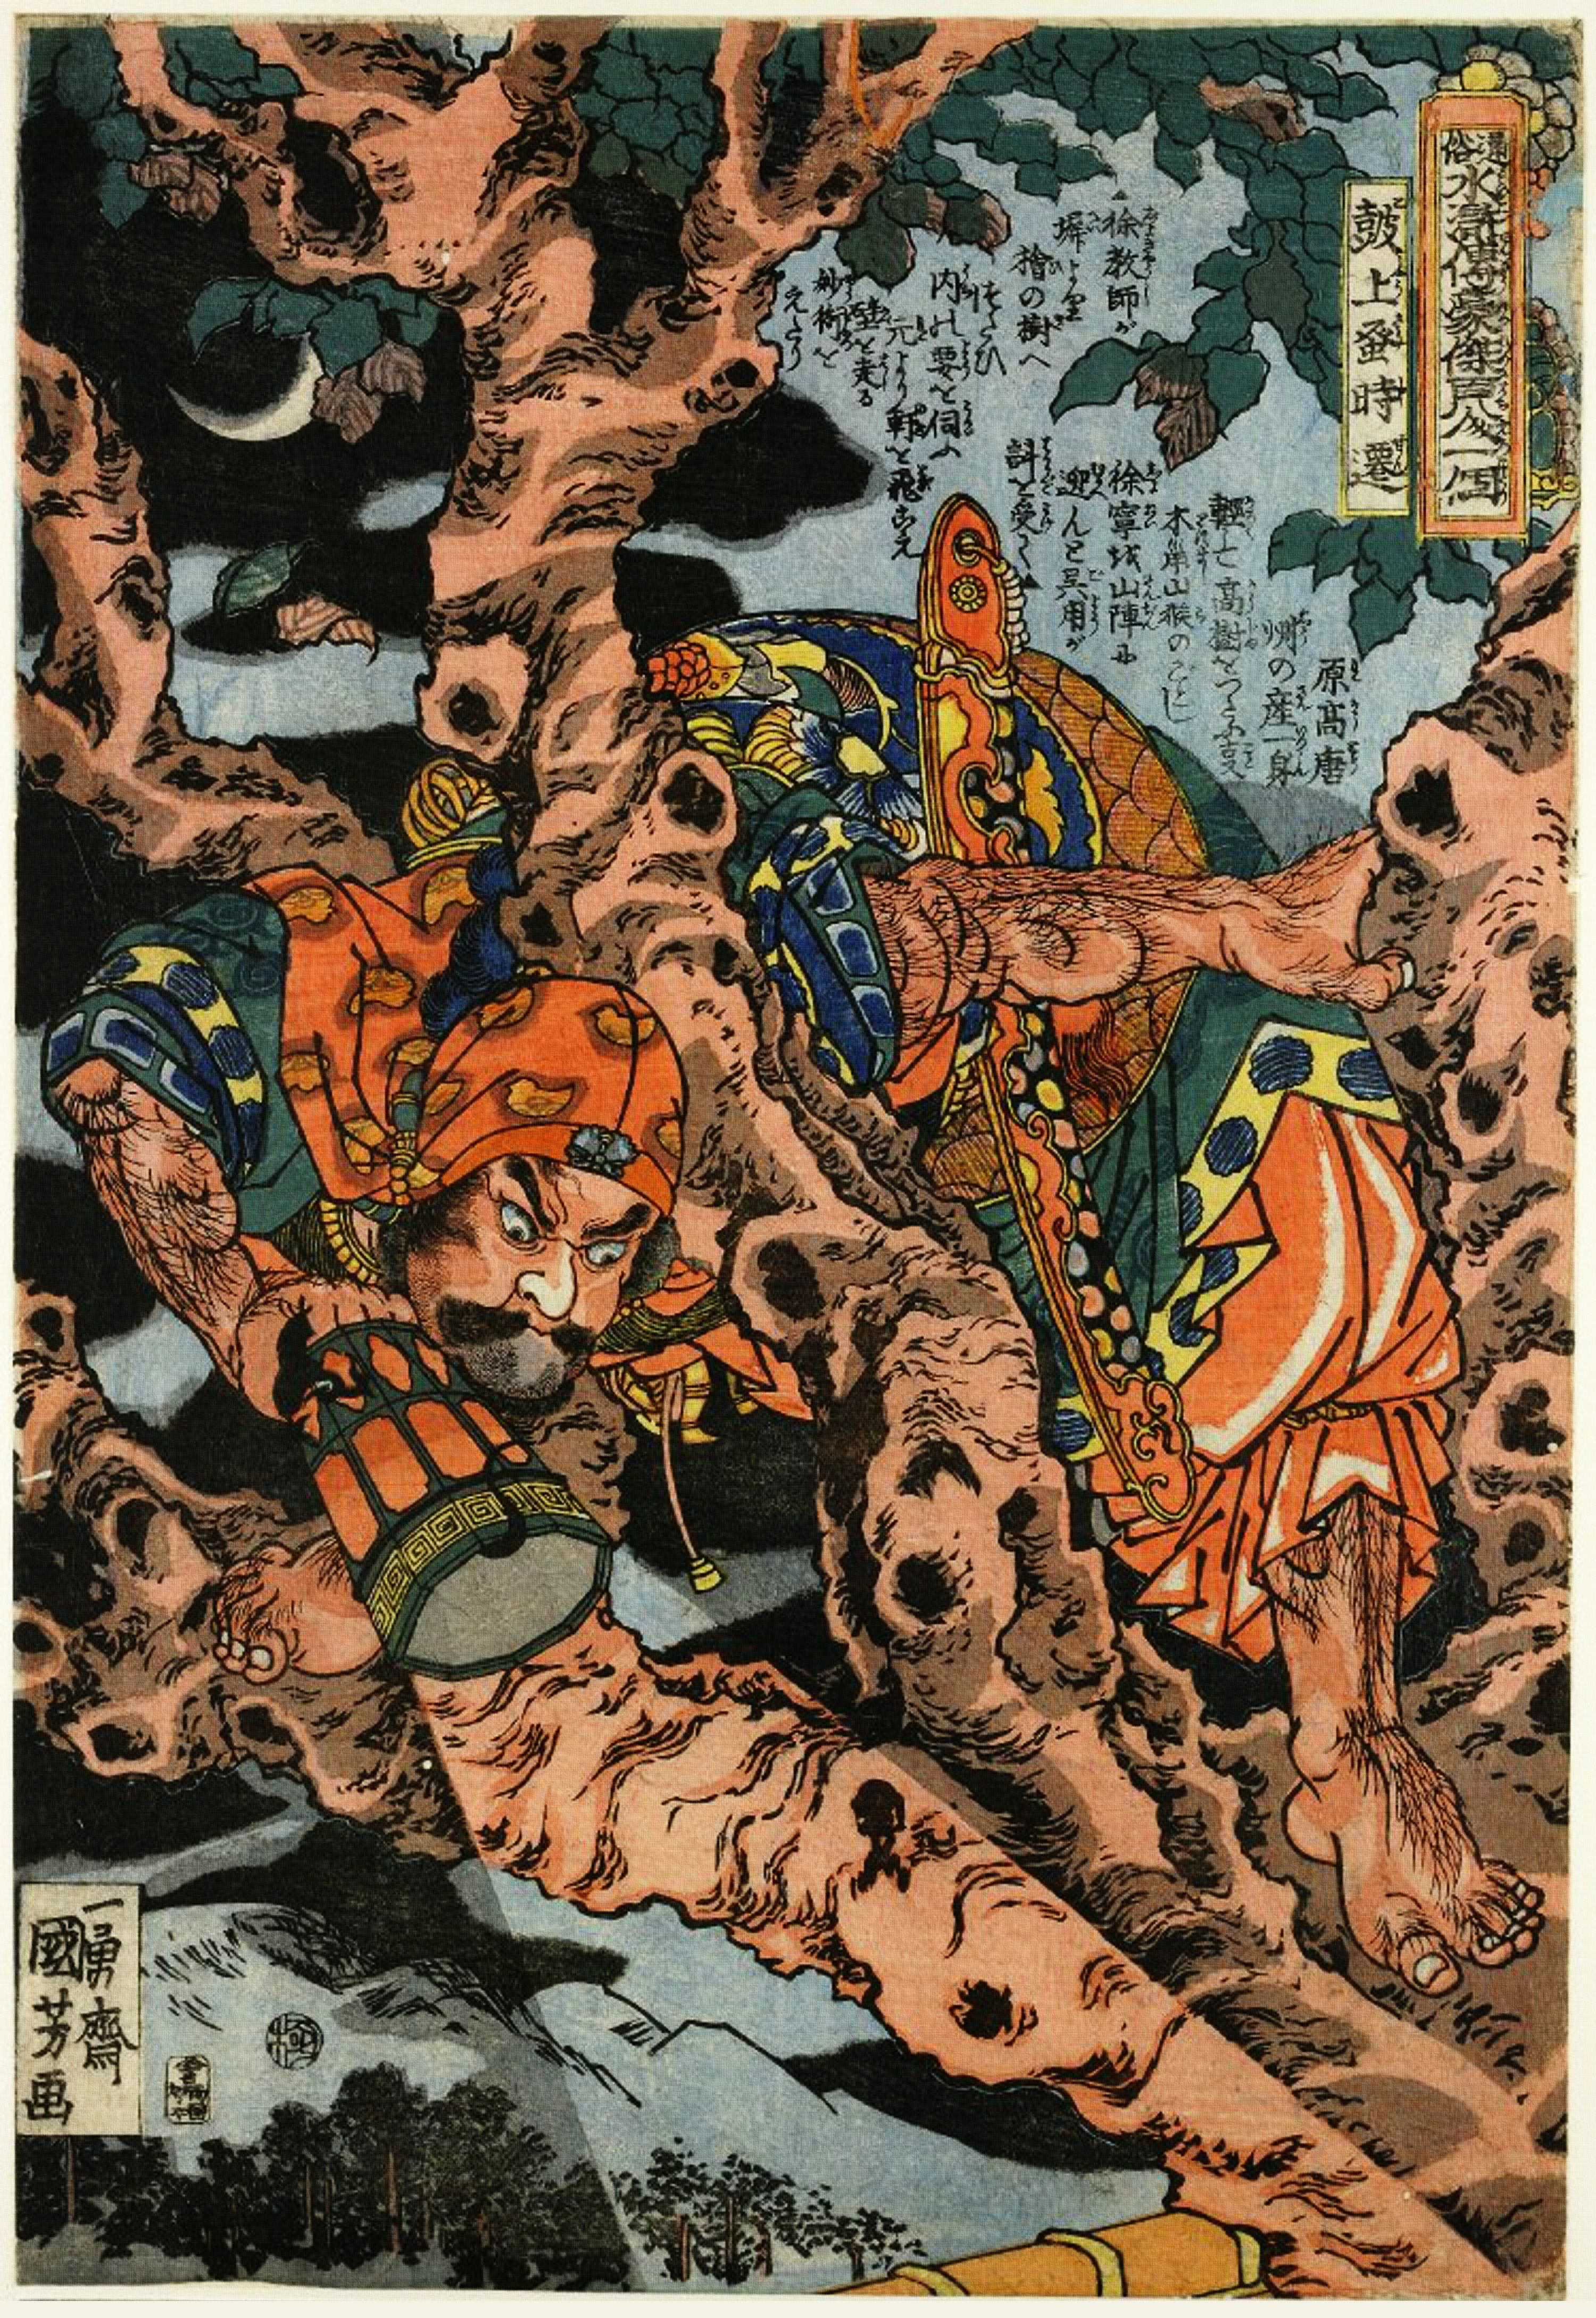 japanese mythology heroes